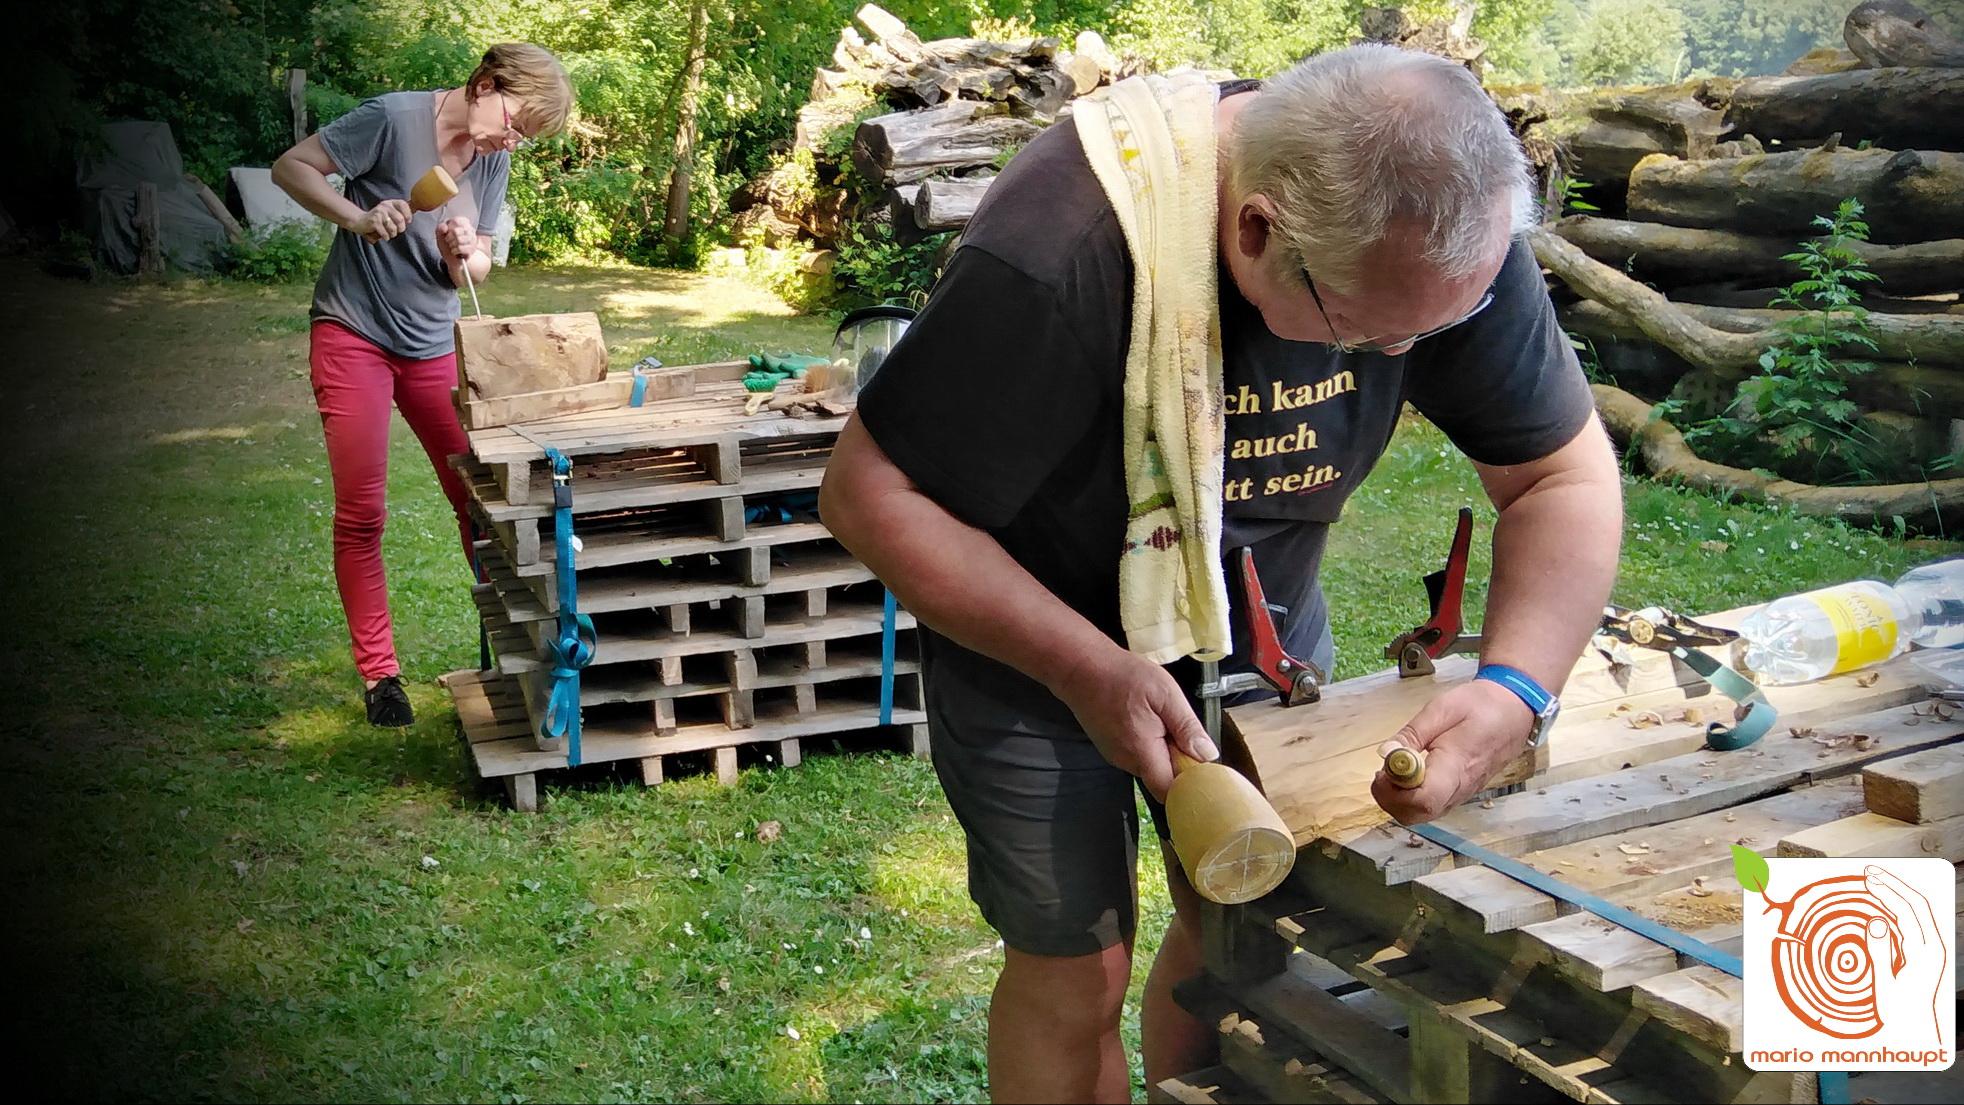 kreative Kurse und Workshop in der Bildhauerei von Mario Mannhaupt